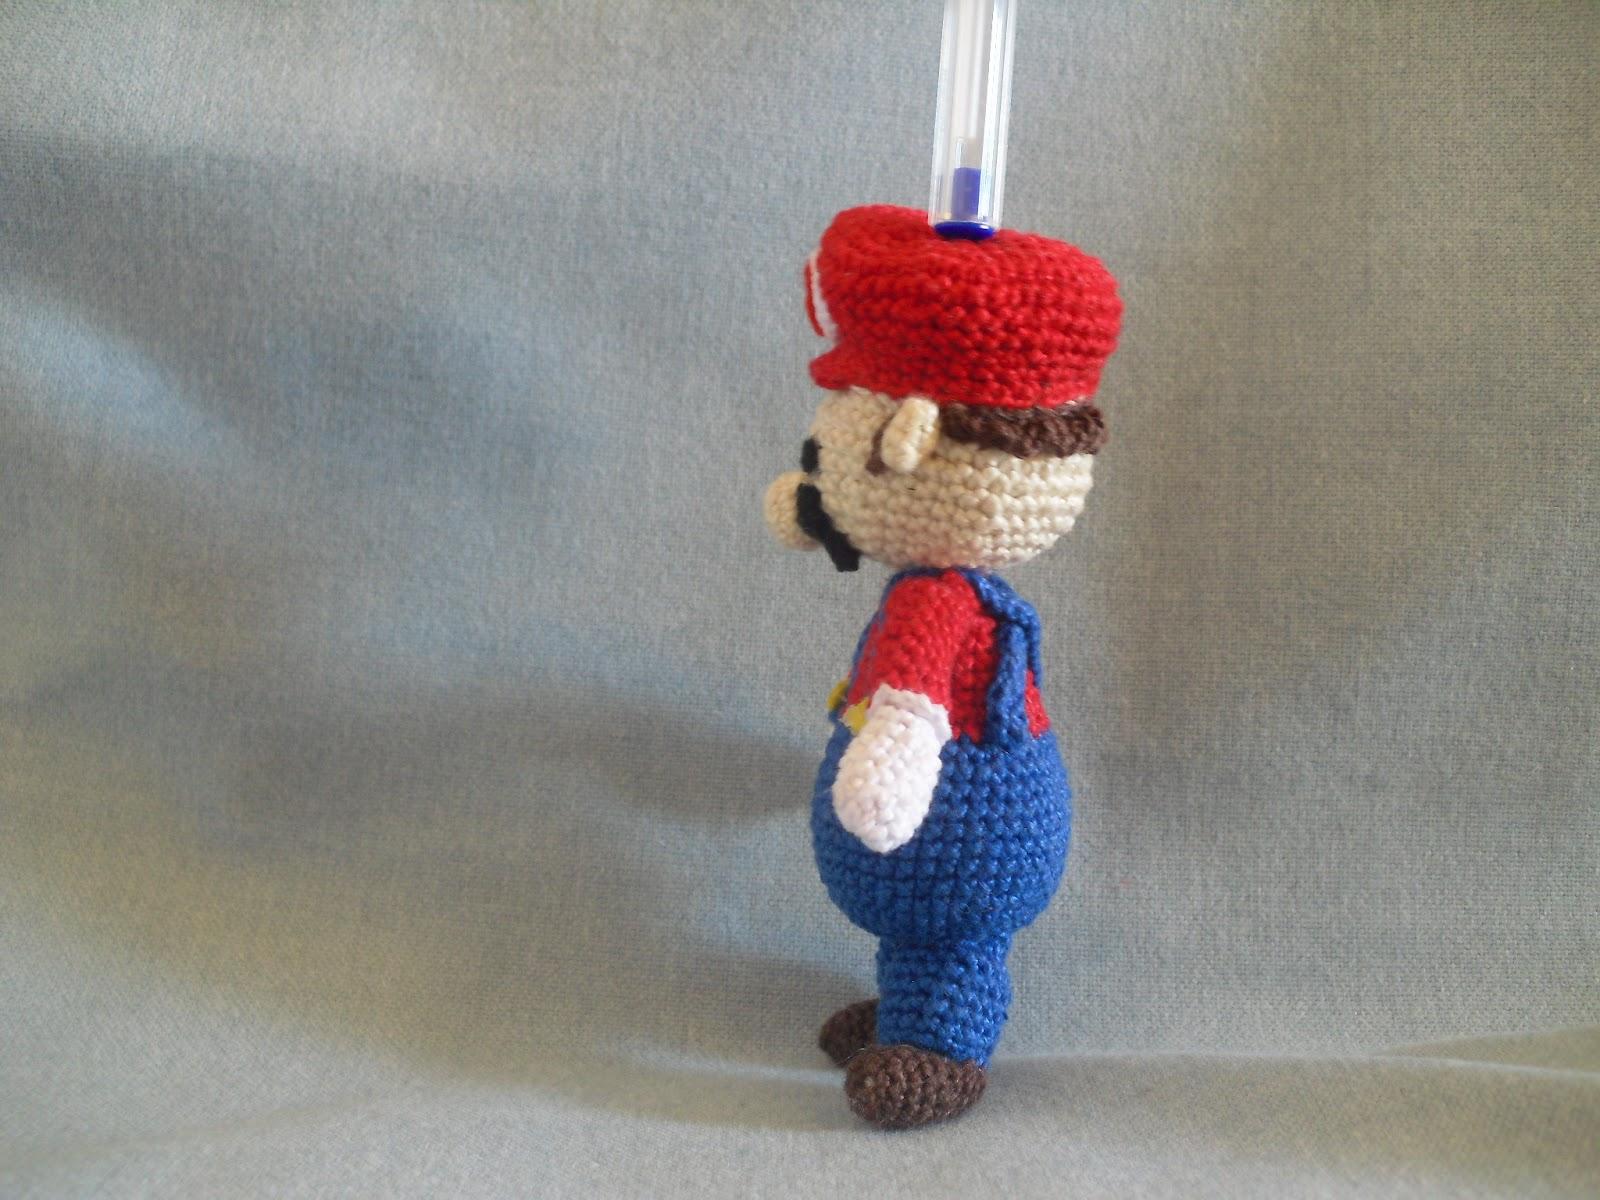 Amigurumi Mario Bros Espanol : Amigurumis en espanol: Super Mario Bros Amigurumi